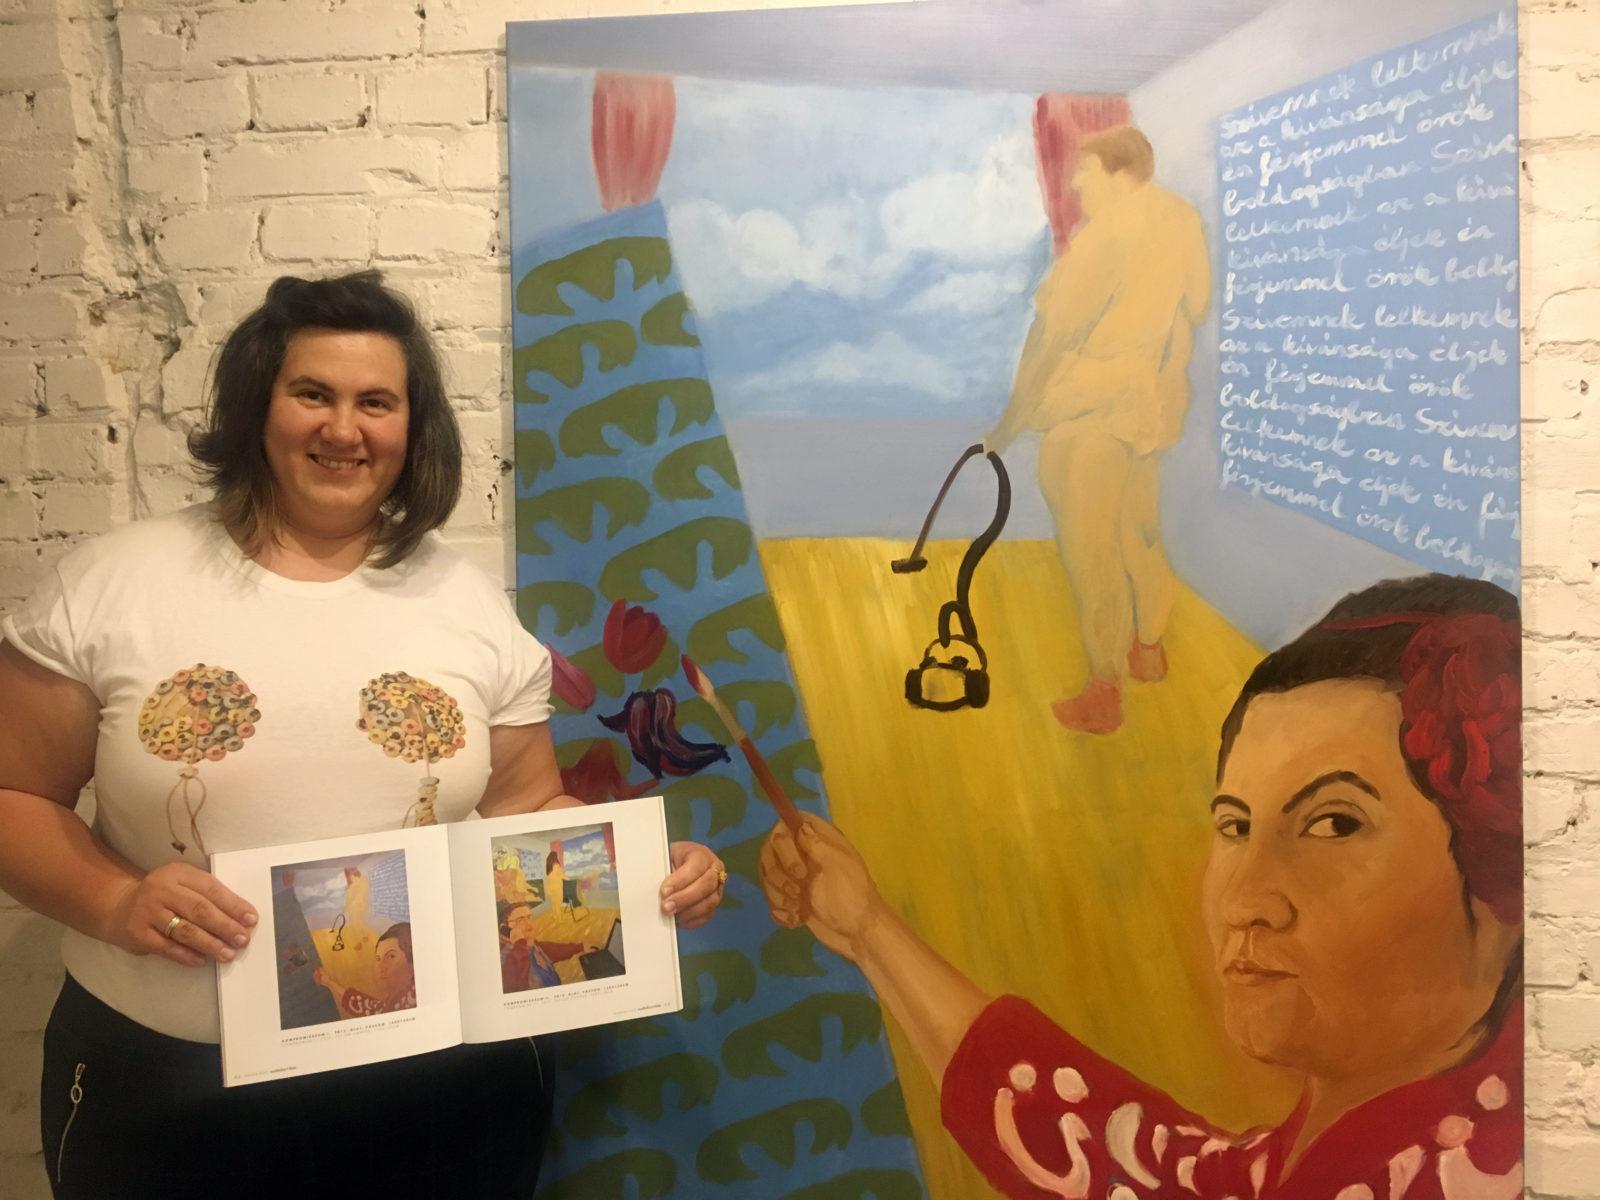 Fajgerné Dudás Andrea Kompromisszum I. című festménye előtt a Feri Feminista Galeriben, a My World, My Dreams... című kiállítás megnyitóján 2019, május